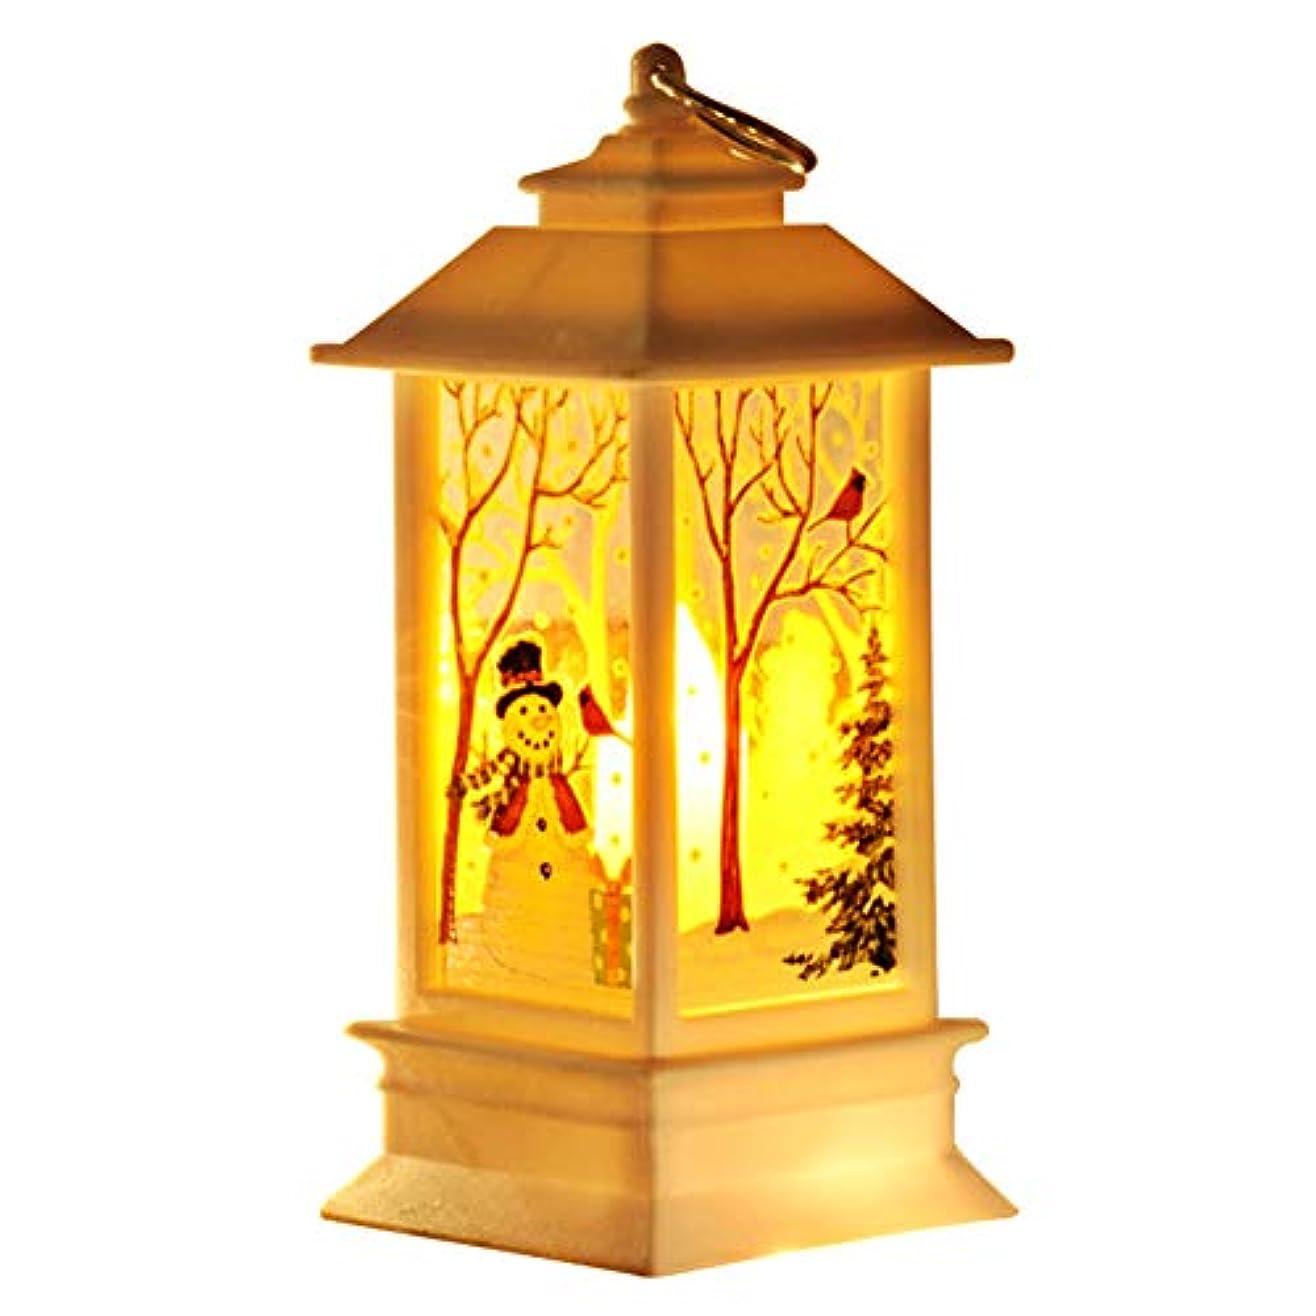 のぞき穴悪因子約設定ZaRoing ホームバー用の小さなクリスマスランタンランプデスクライトフェスティバルテーブル装飾